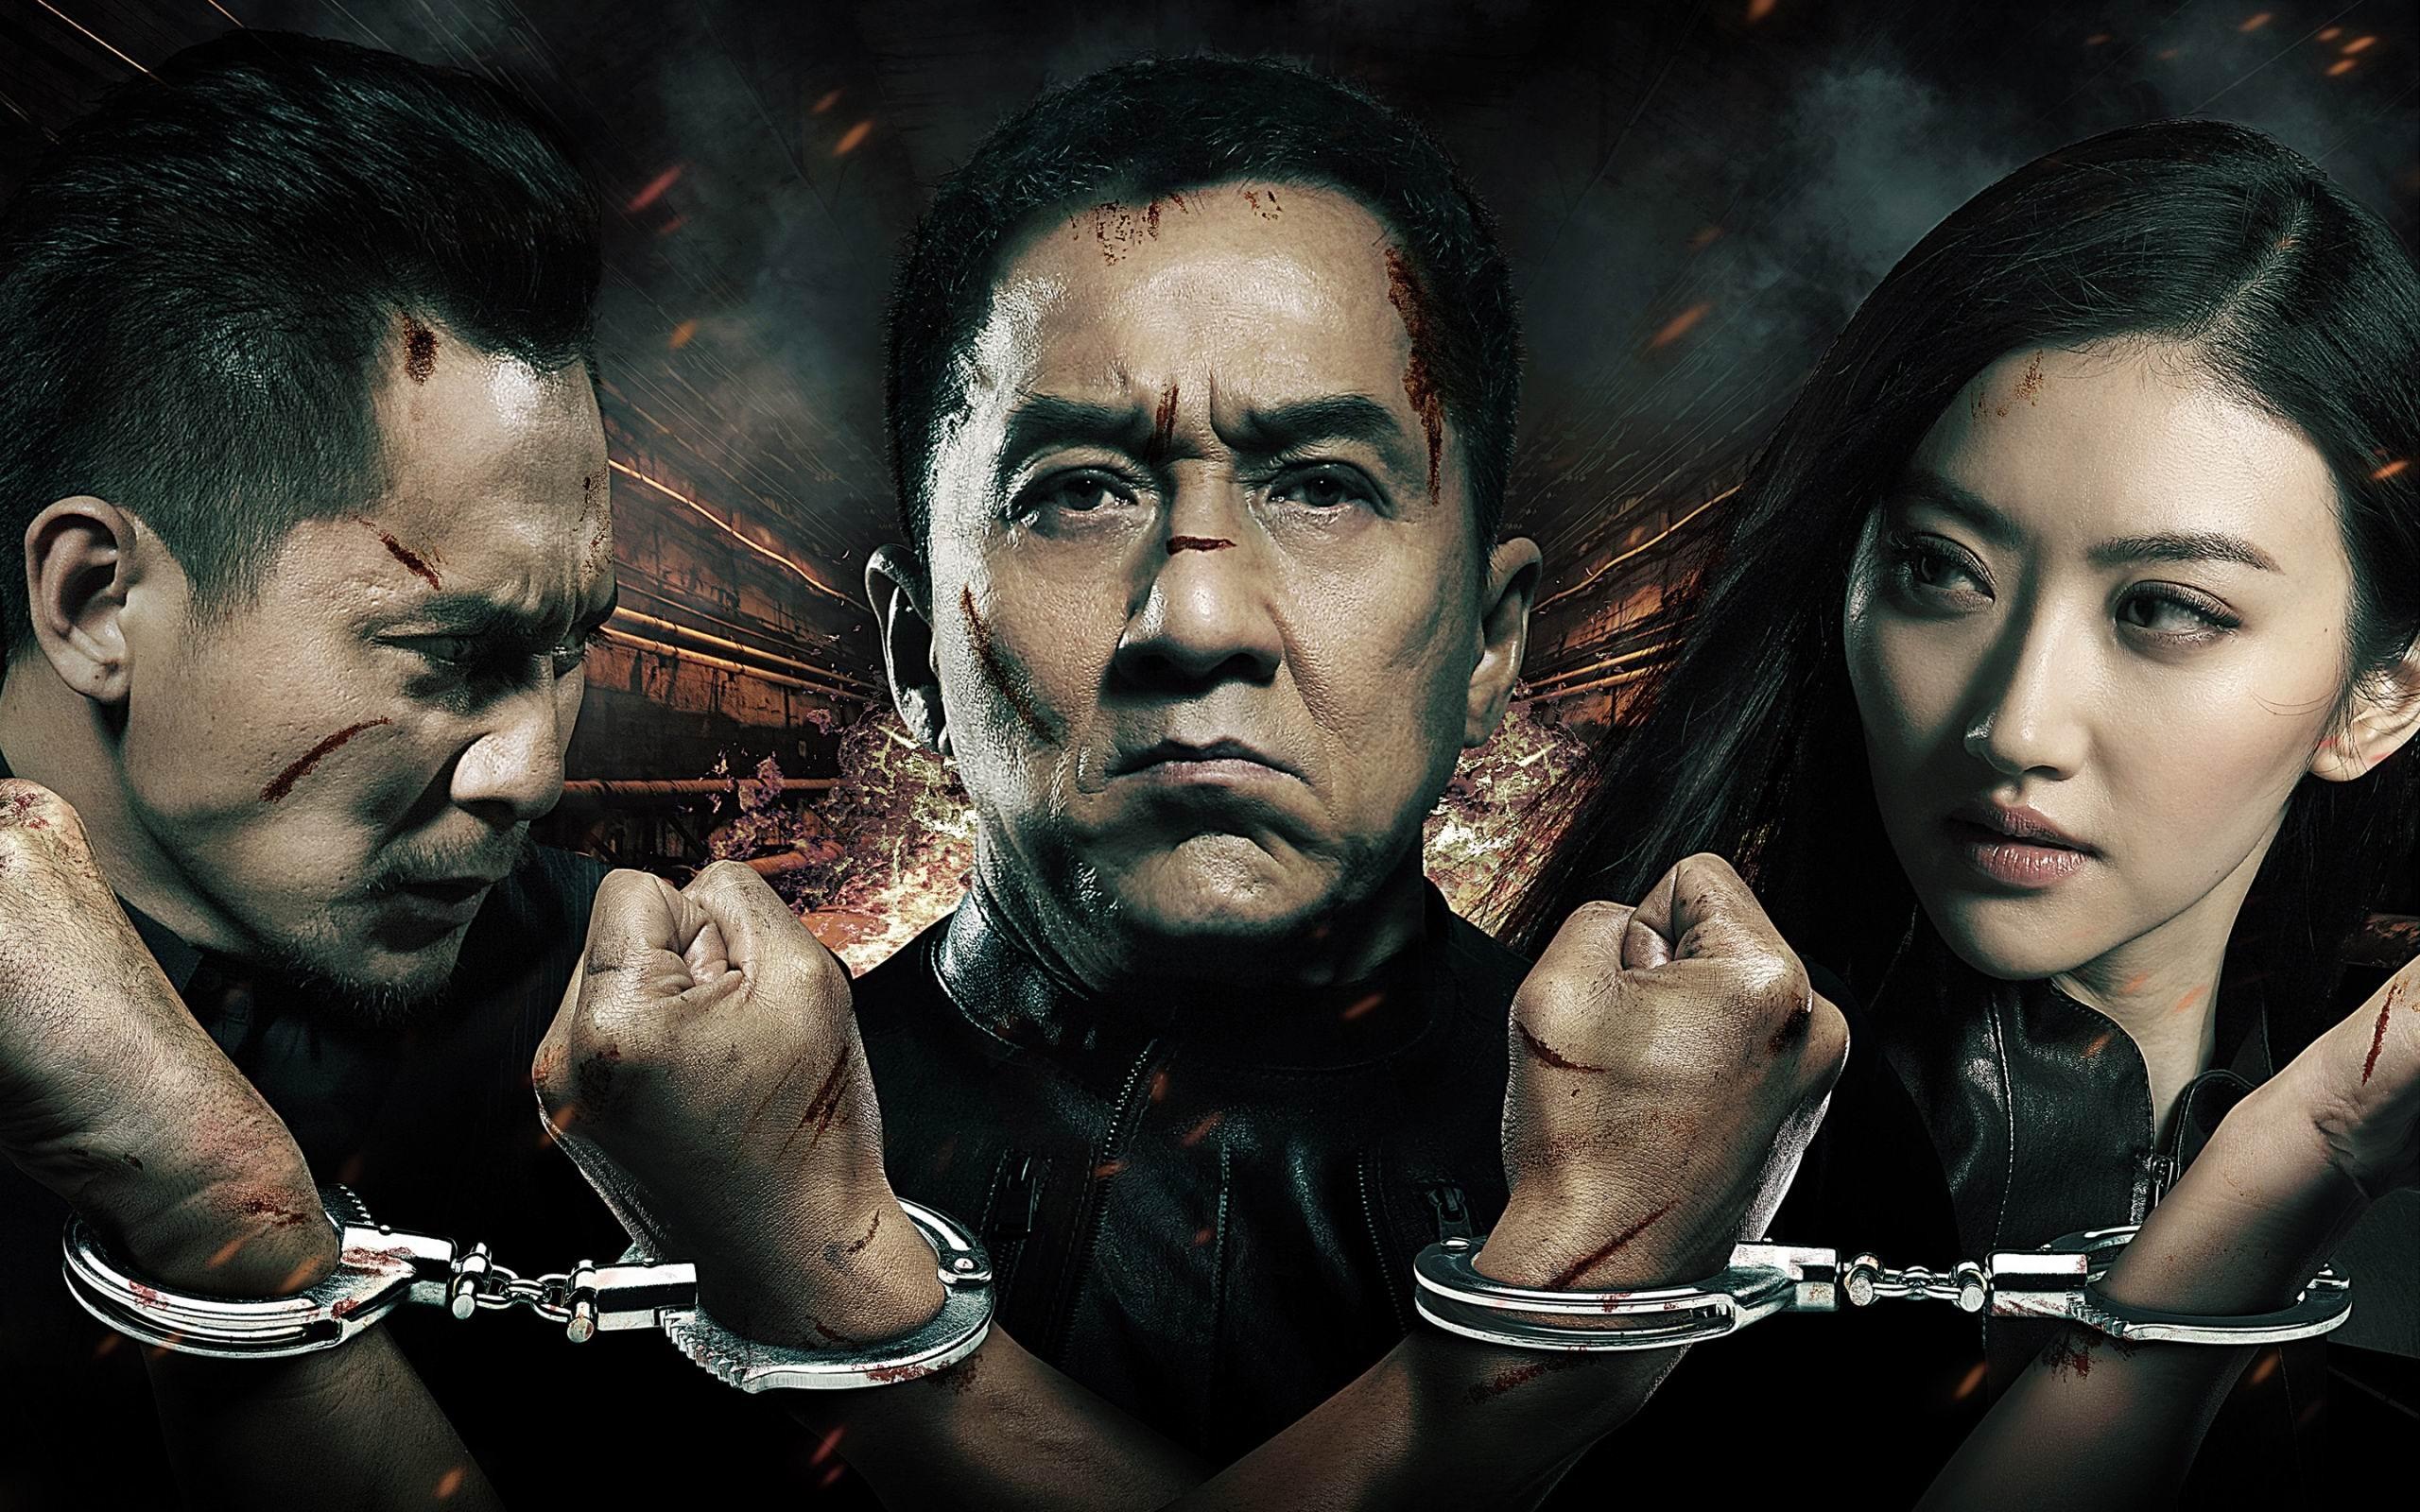 ジャッキー チェンの警察の物語13 映画のhdの壁紙プレビュー 10wallpaper Com